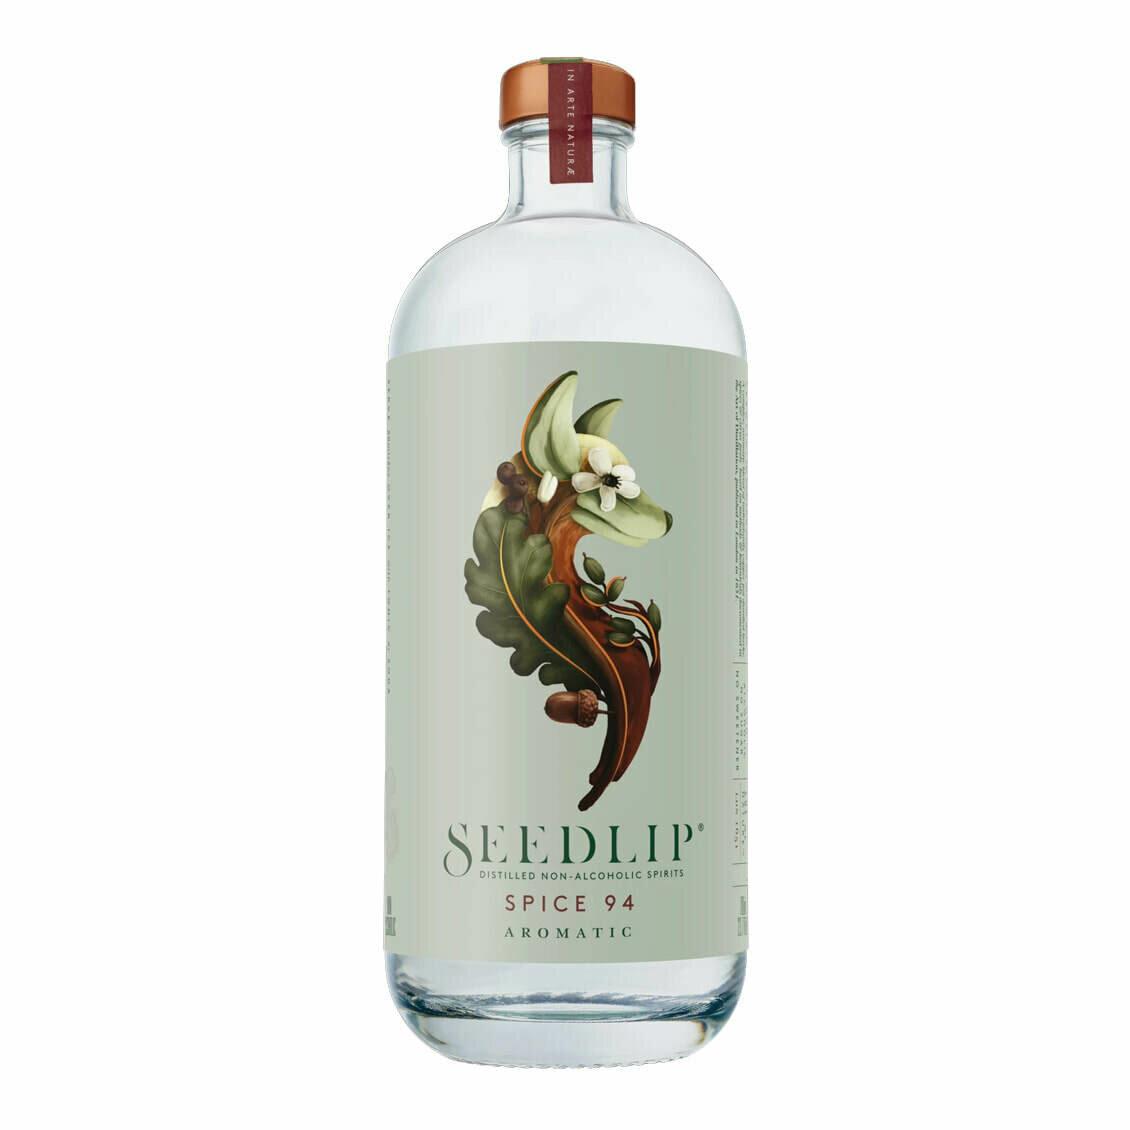 Seedlip Spice 94 (0% Spirit)